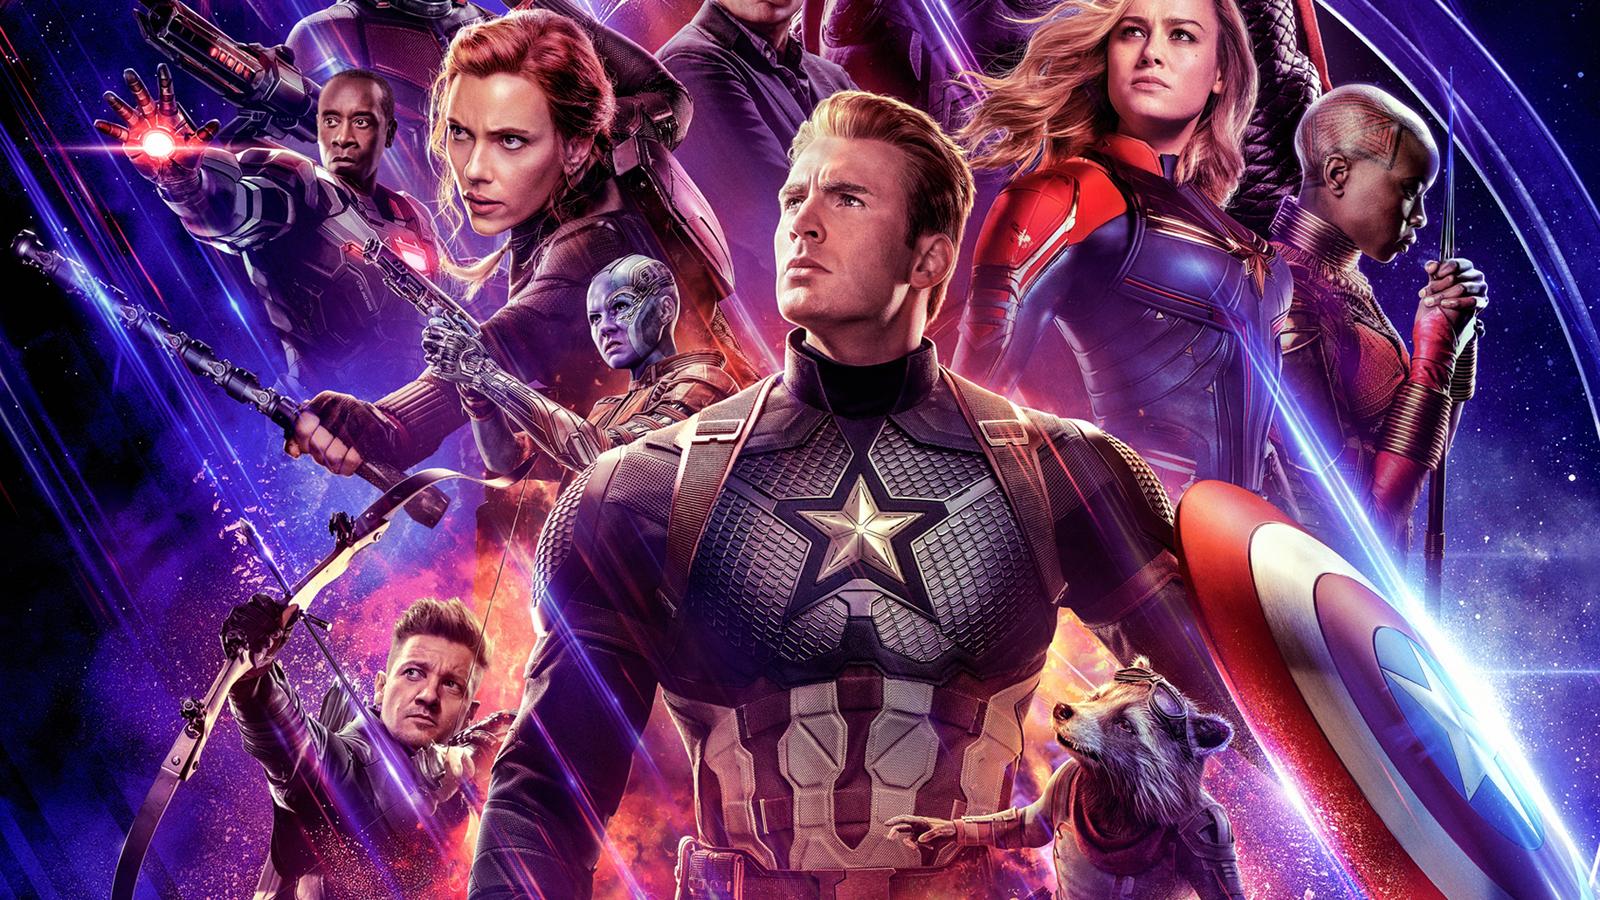 1600x900 Avengers Endgame 2019 Official New Poster ...